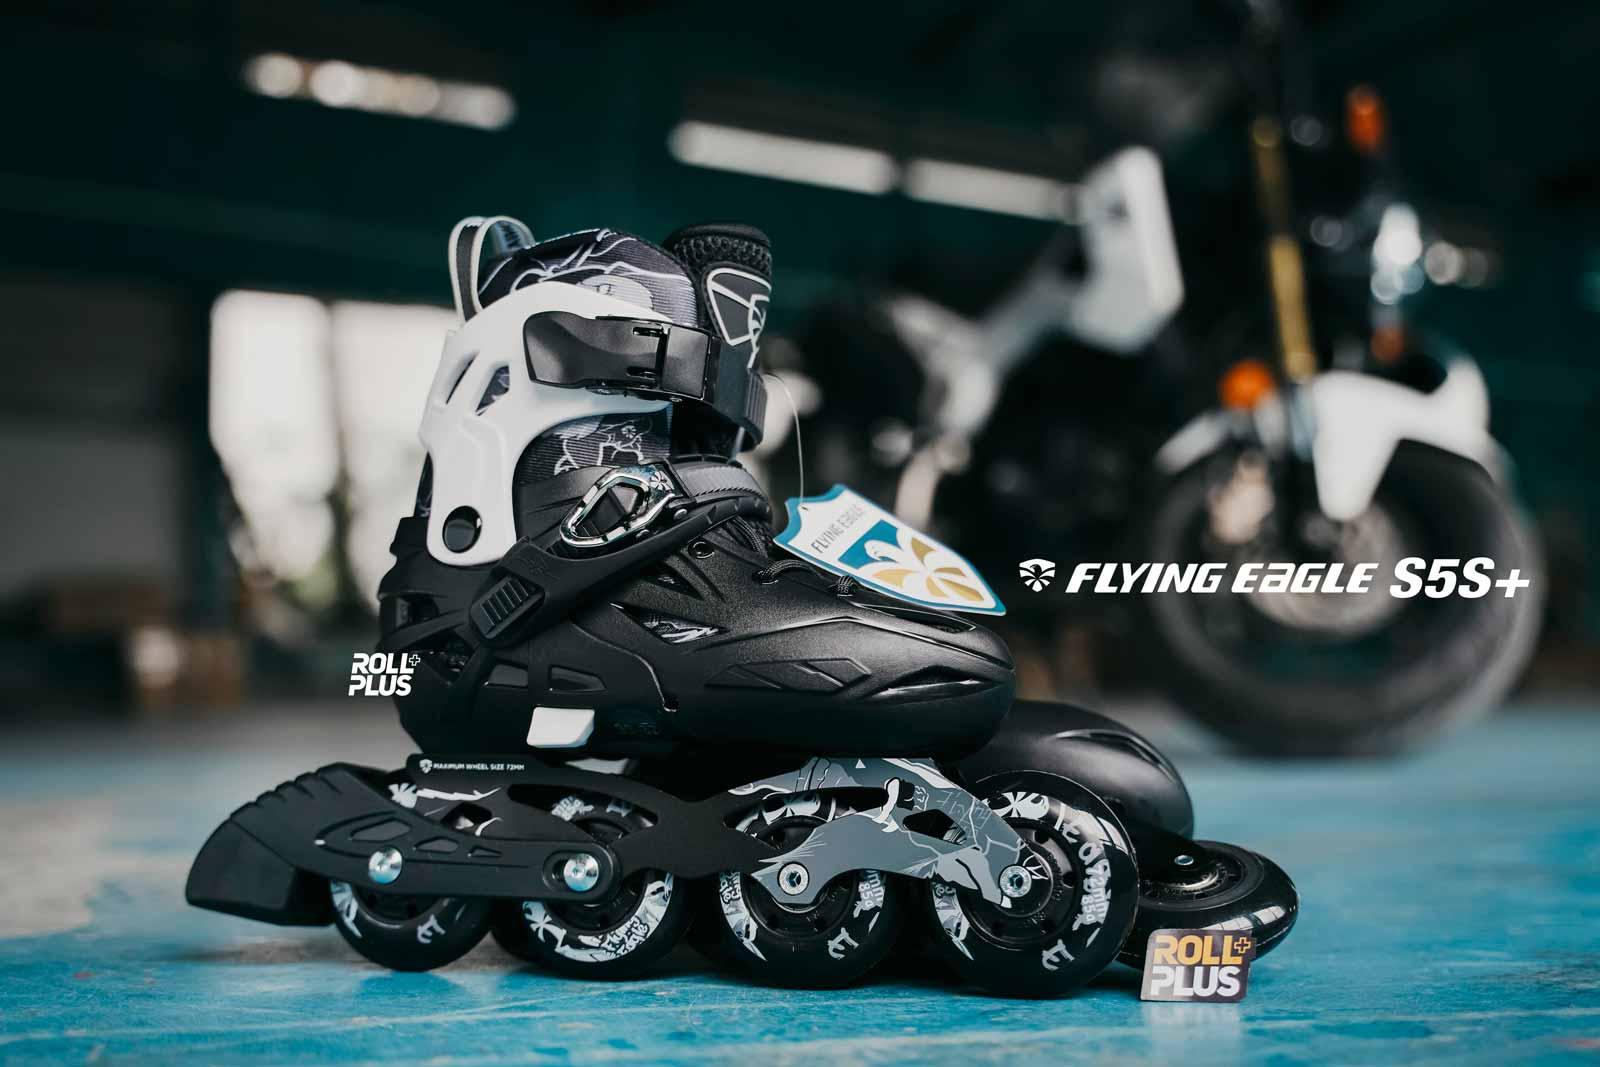 giày patin trẻ em flying eagle S5S+ màu đen mạnh mẽ